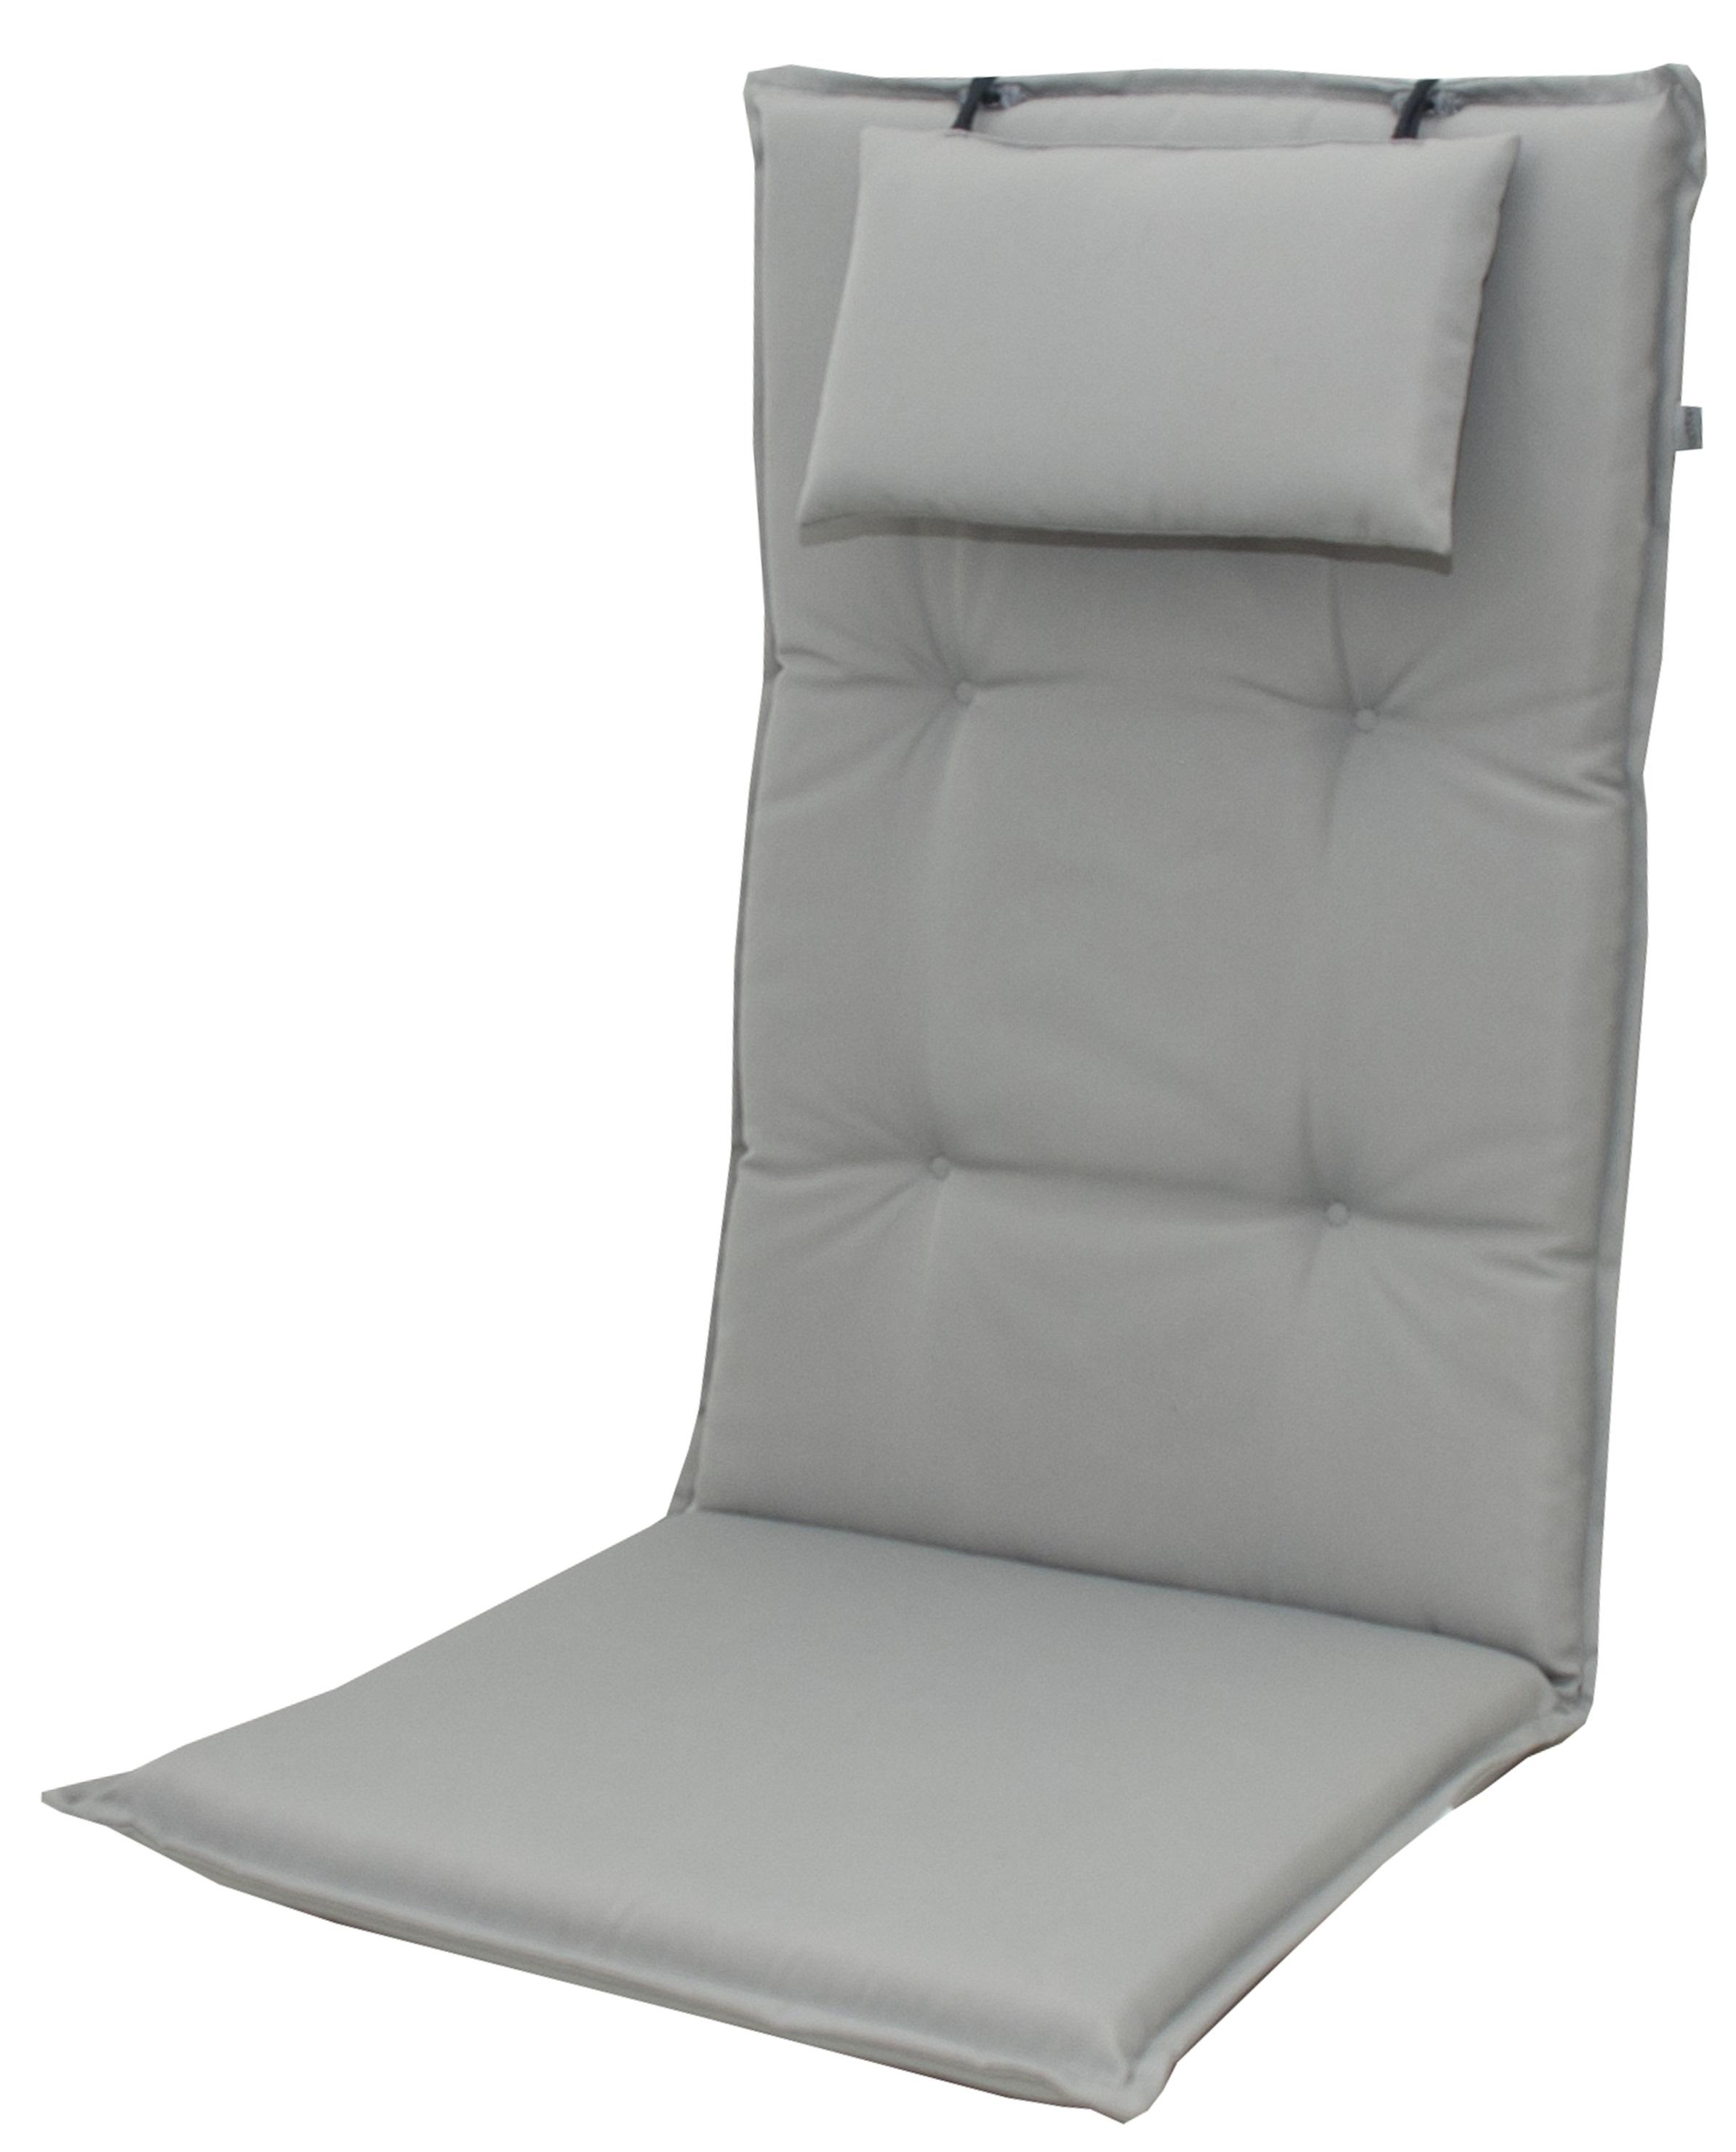 9827 hochlehner gartenstuhl auflagen 8cm kopfkissen grau f r st hle mit hoher lehne auflagen. Black Bedroom Furniture Sets. Home Design Ideas